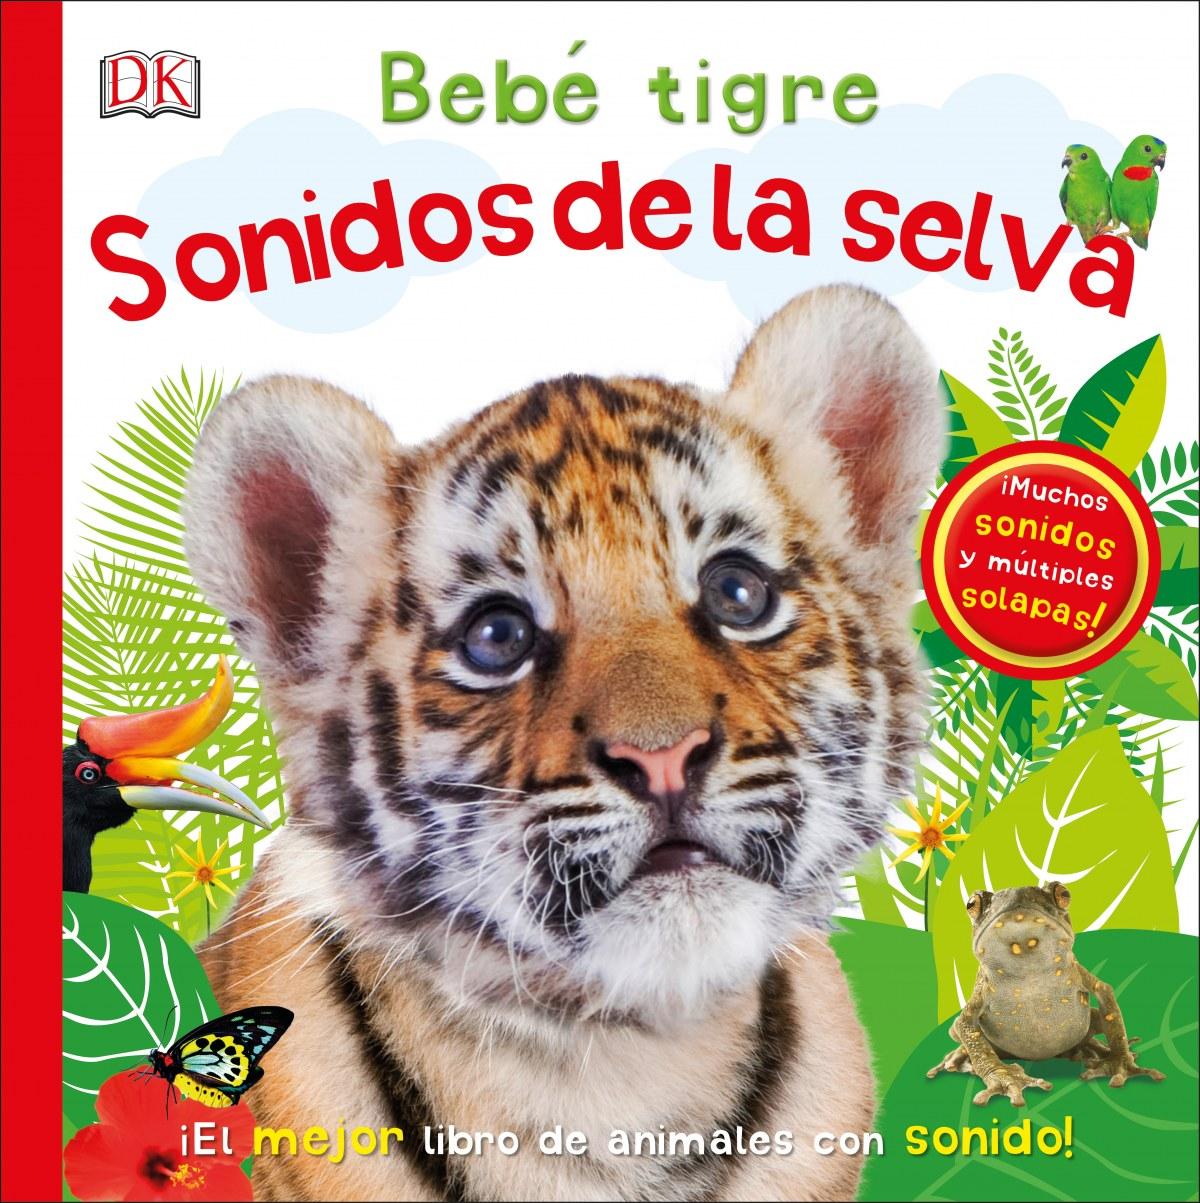 BEBÉ TIGRE: SONIDOS DE LA SELVA 9780241364383